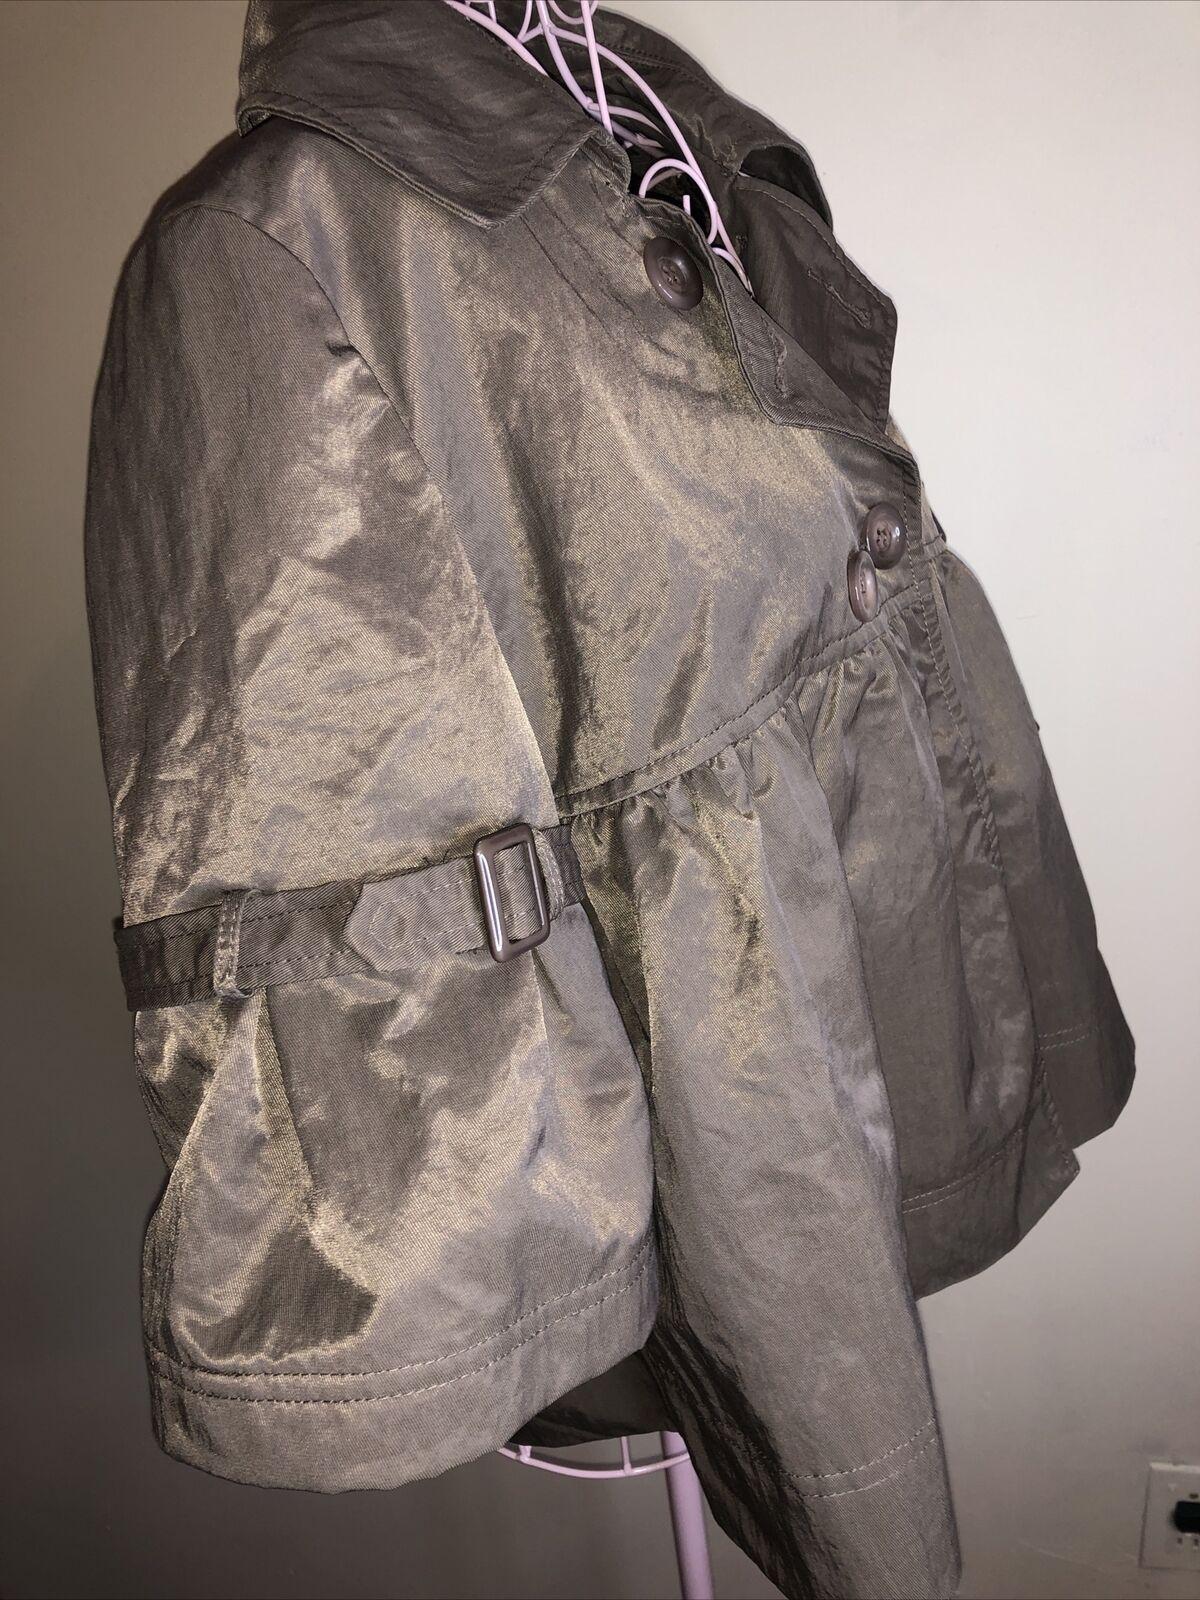 Kaidal French Design Cotton Blend Lg Jacket Workw… - image 2